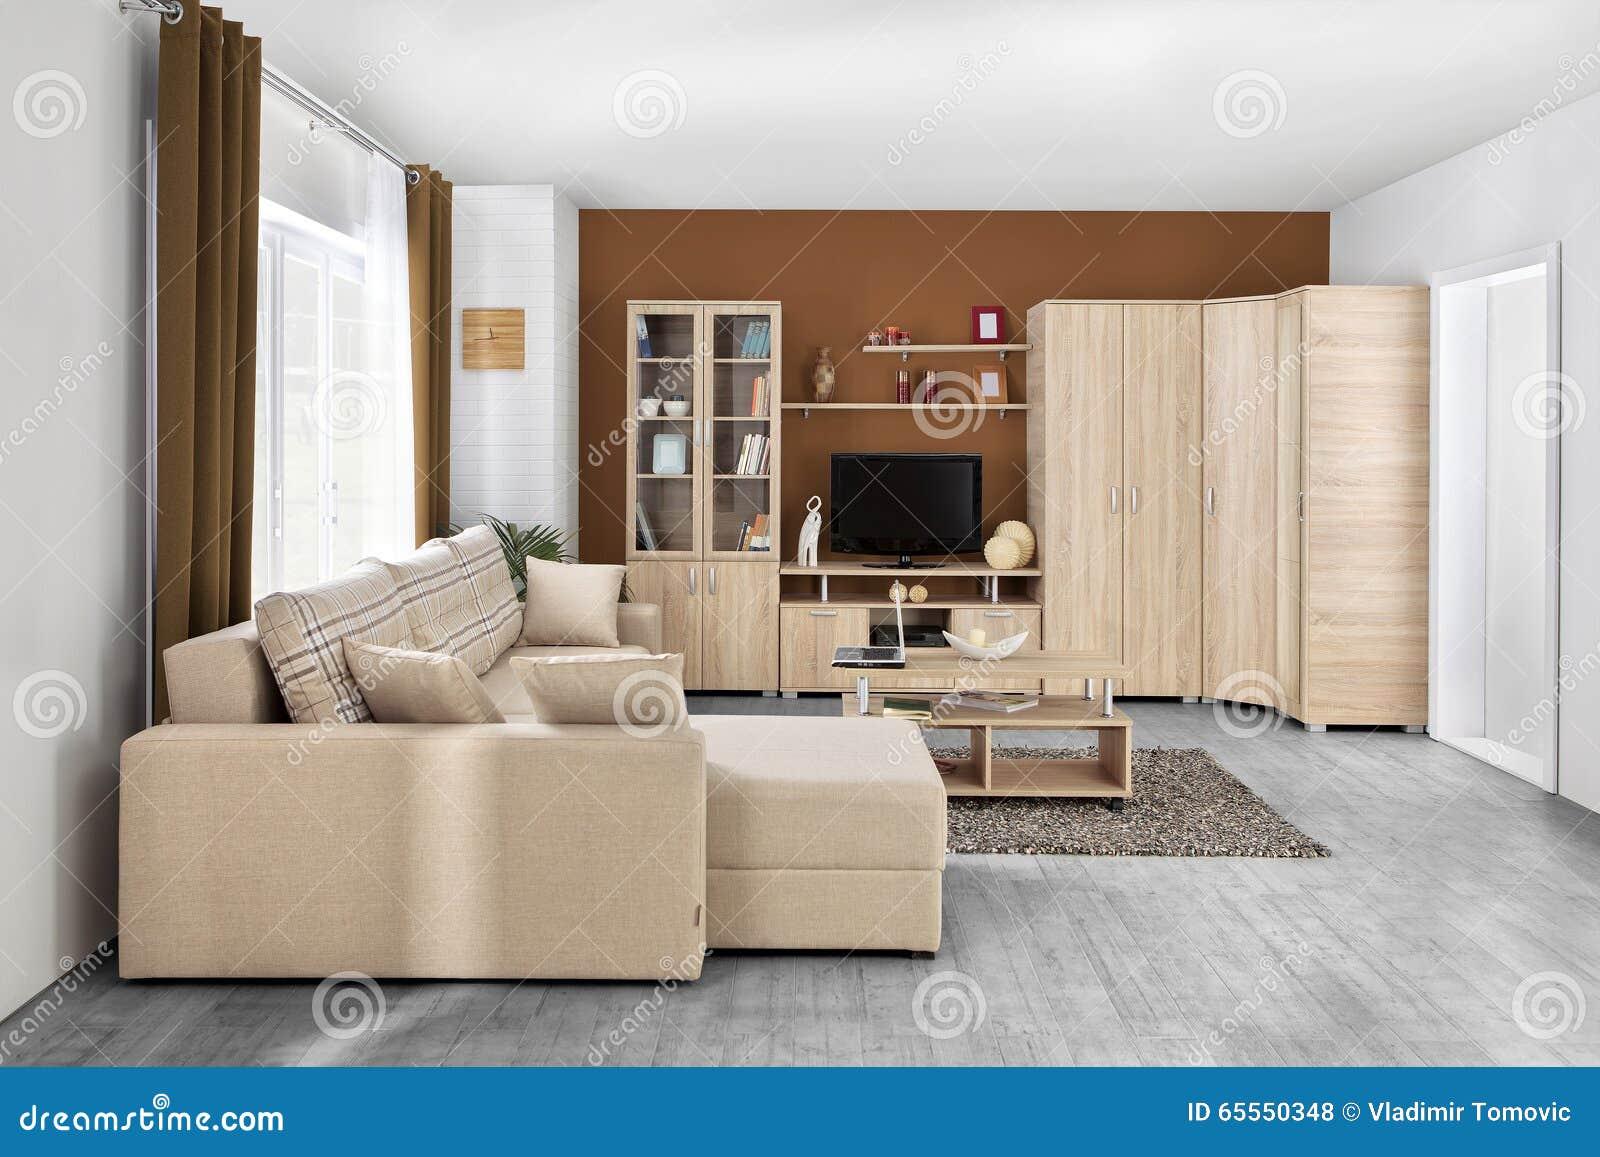 Moderne eenvoudige woonkamer slaapkamer gordijn kamer moderne